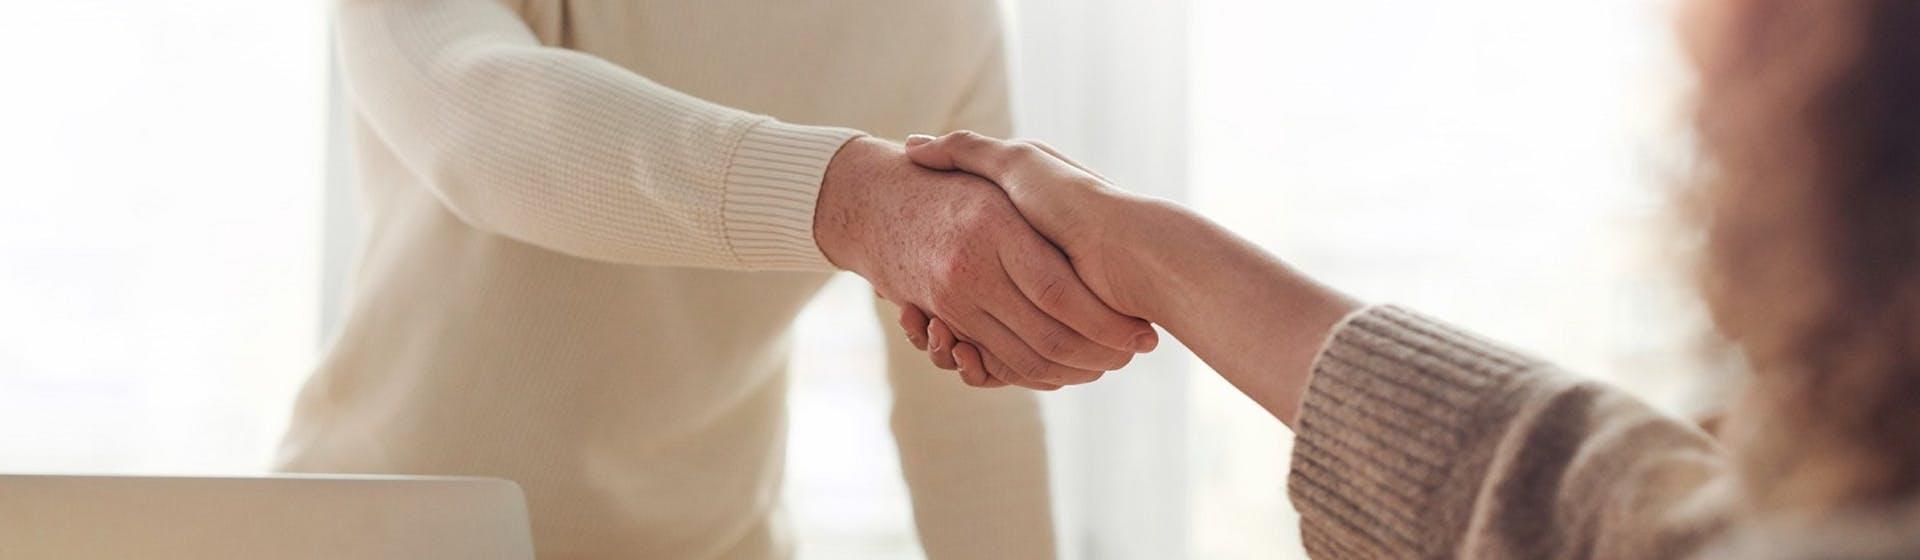 Técnicas de persuasión: ¿Cómo organizar mejores negociaciones remotas?